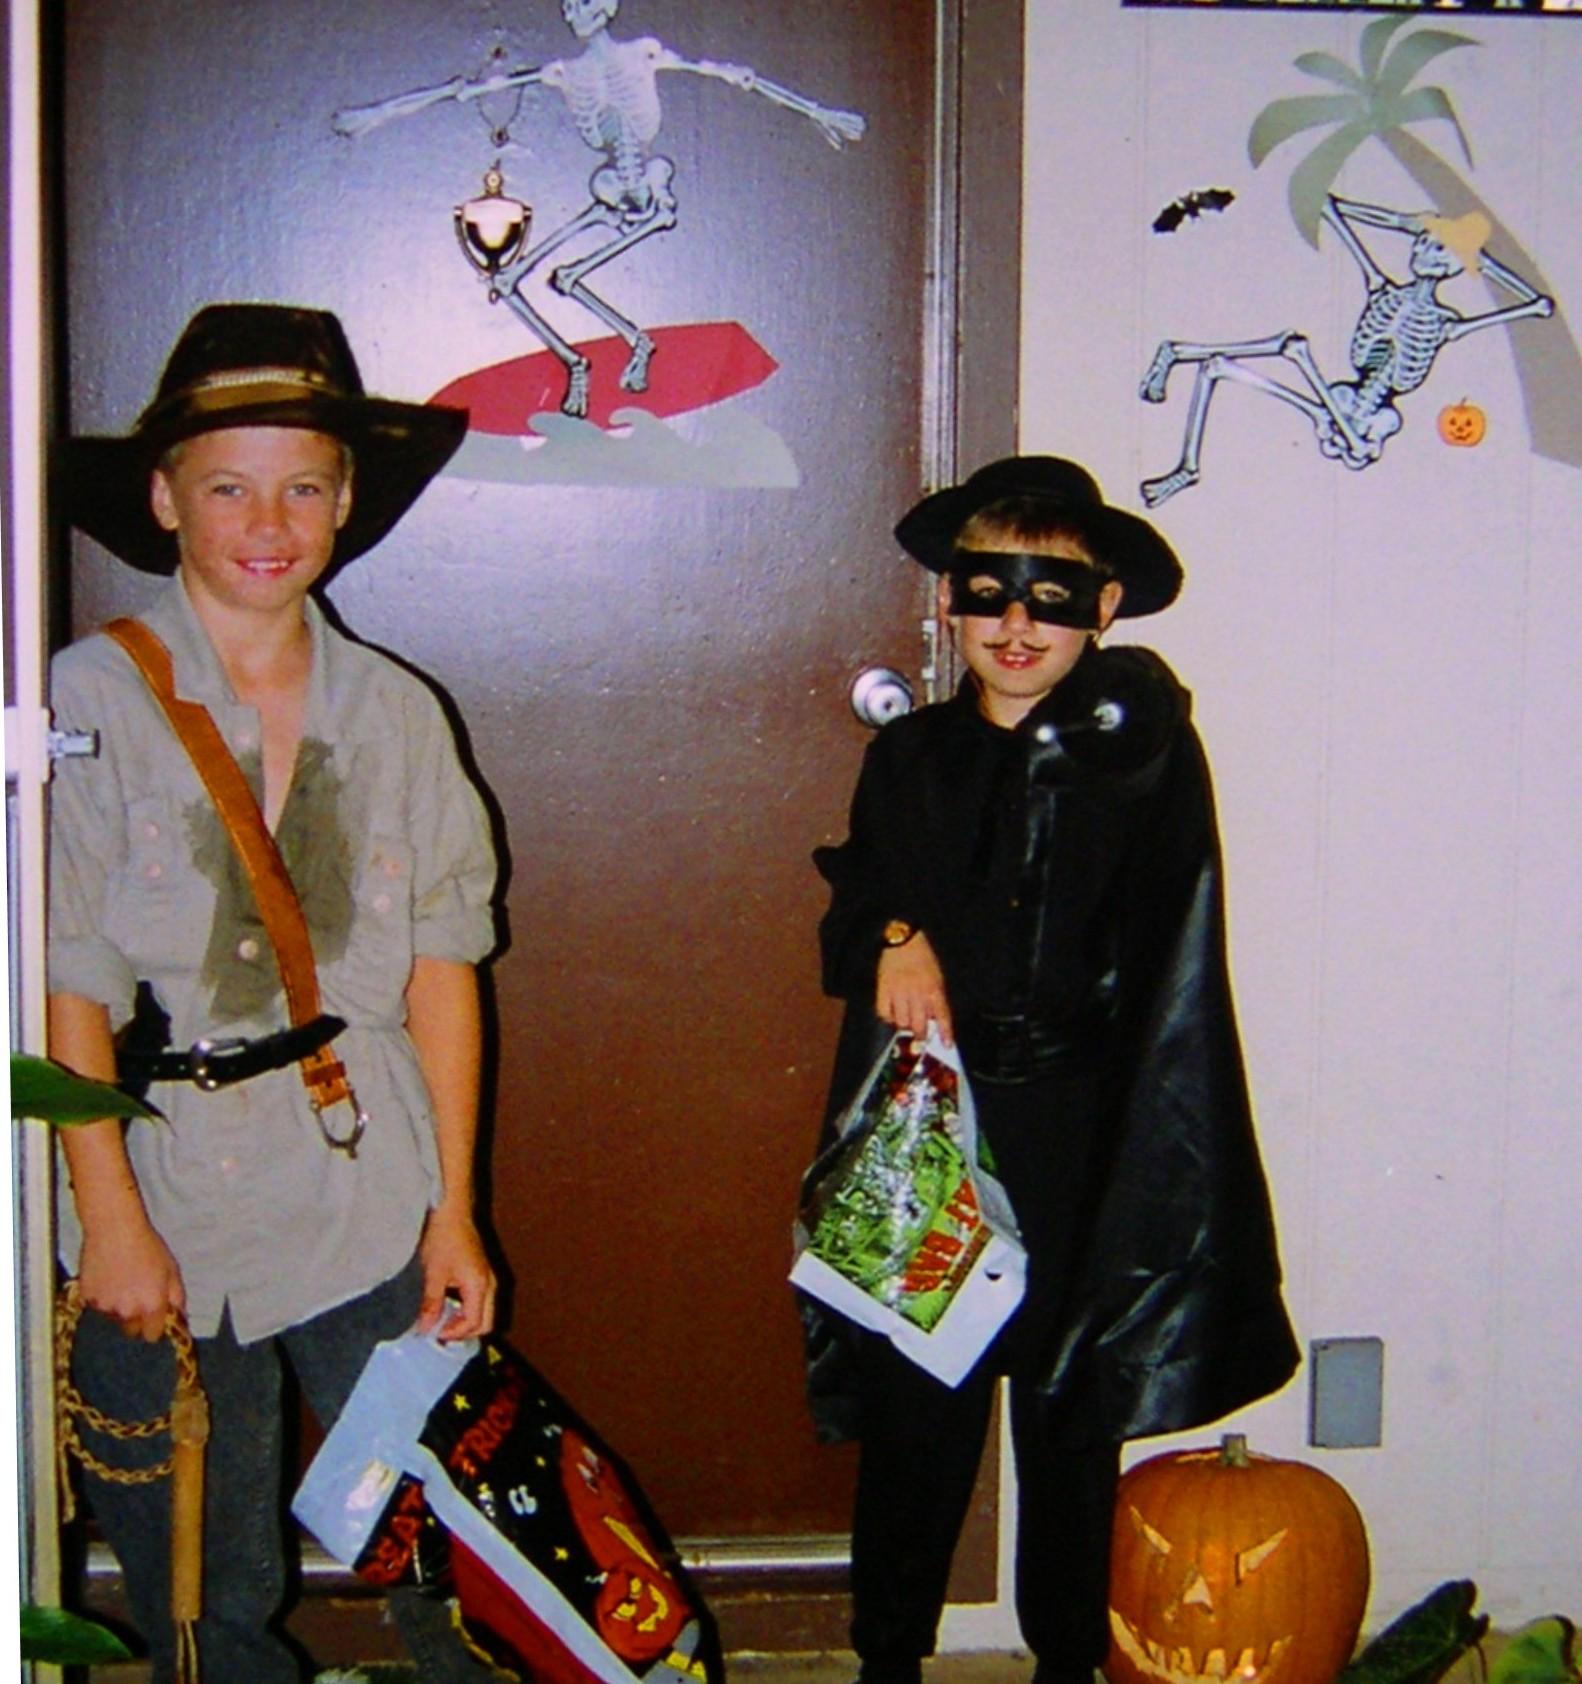 EN GARDE! Halloween in Hawaii with Indiana Jones and Zorro, 1993